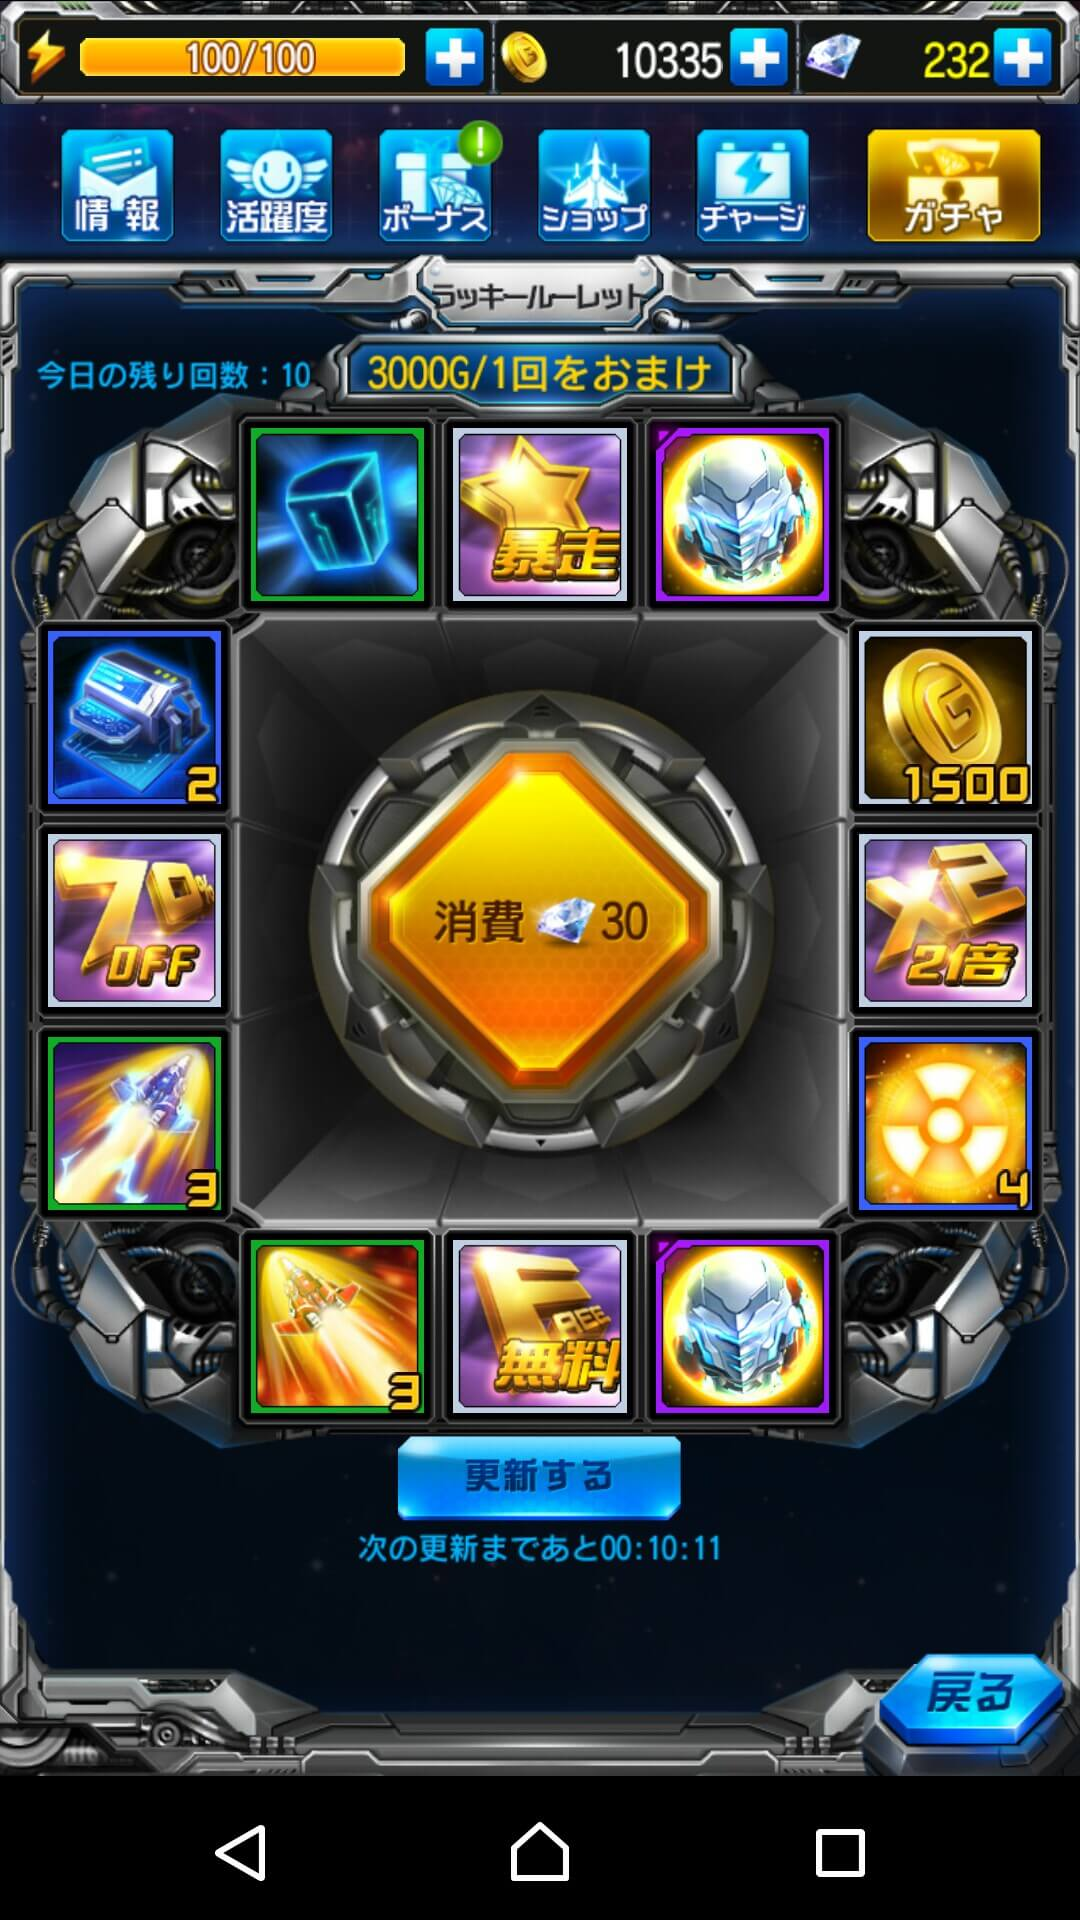 メタル戦記11 ラッキールーレット